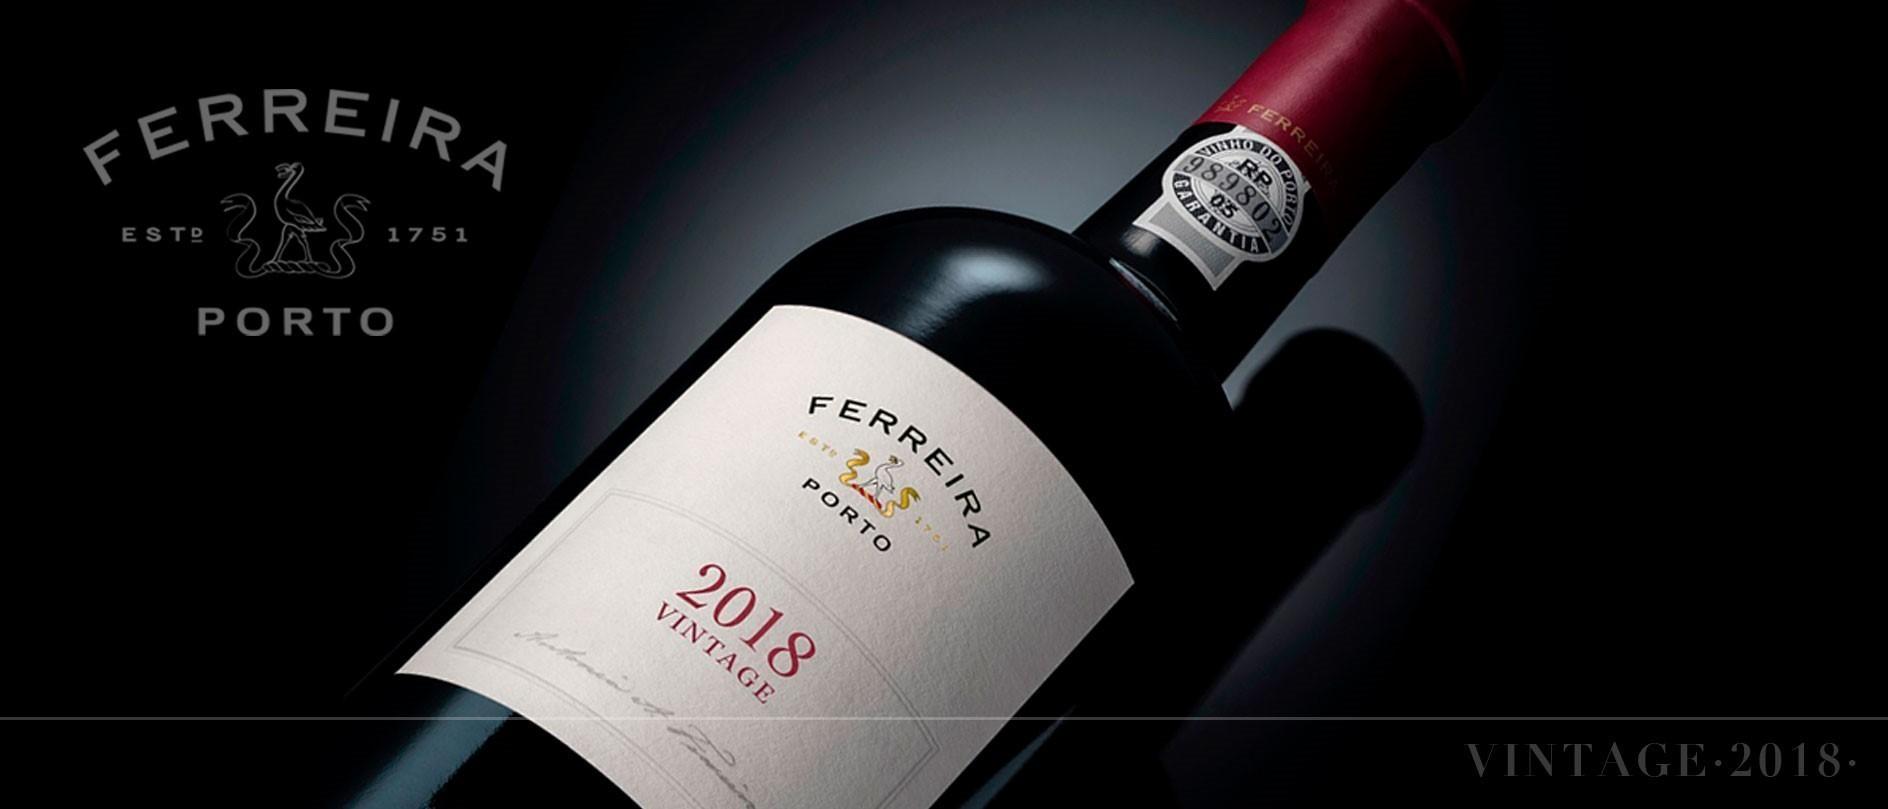 Ferreira Vintage 2018